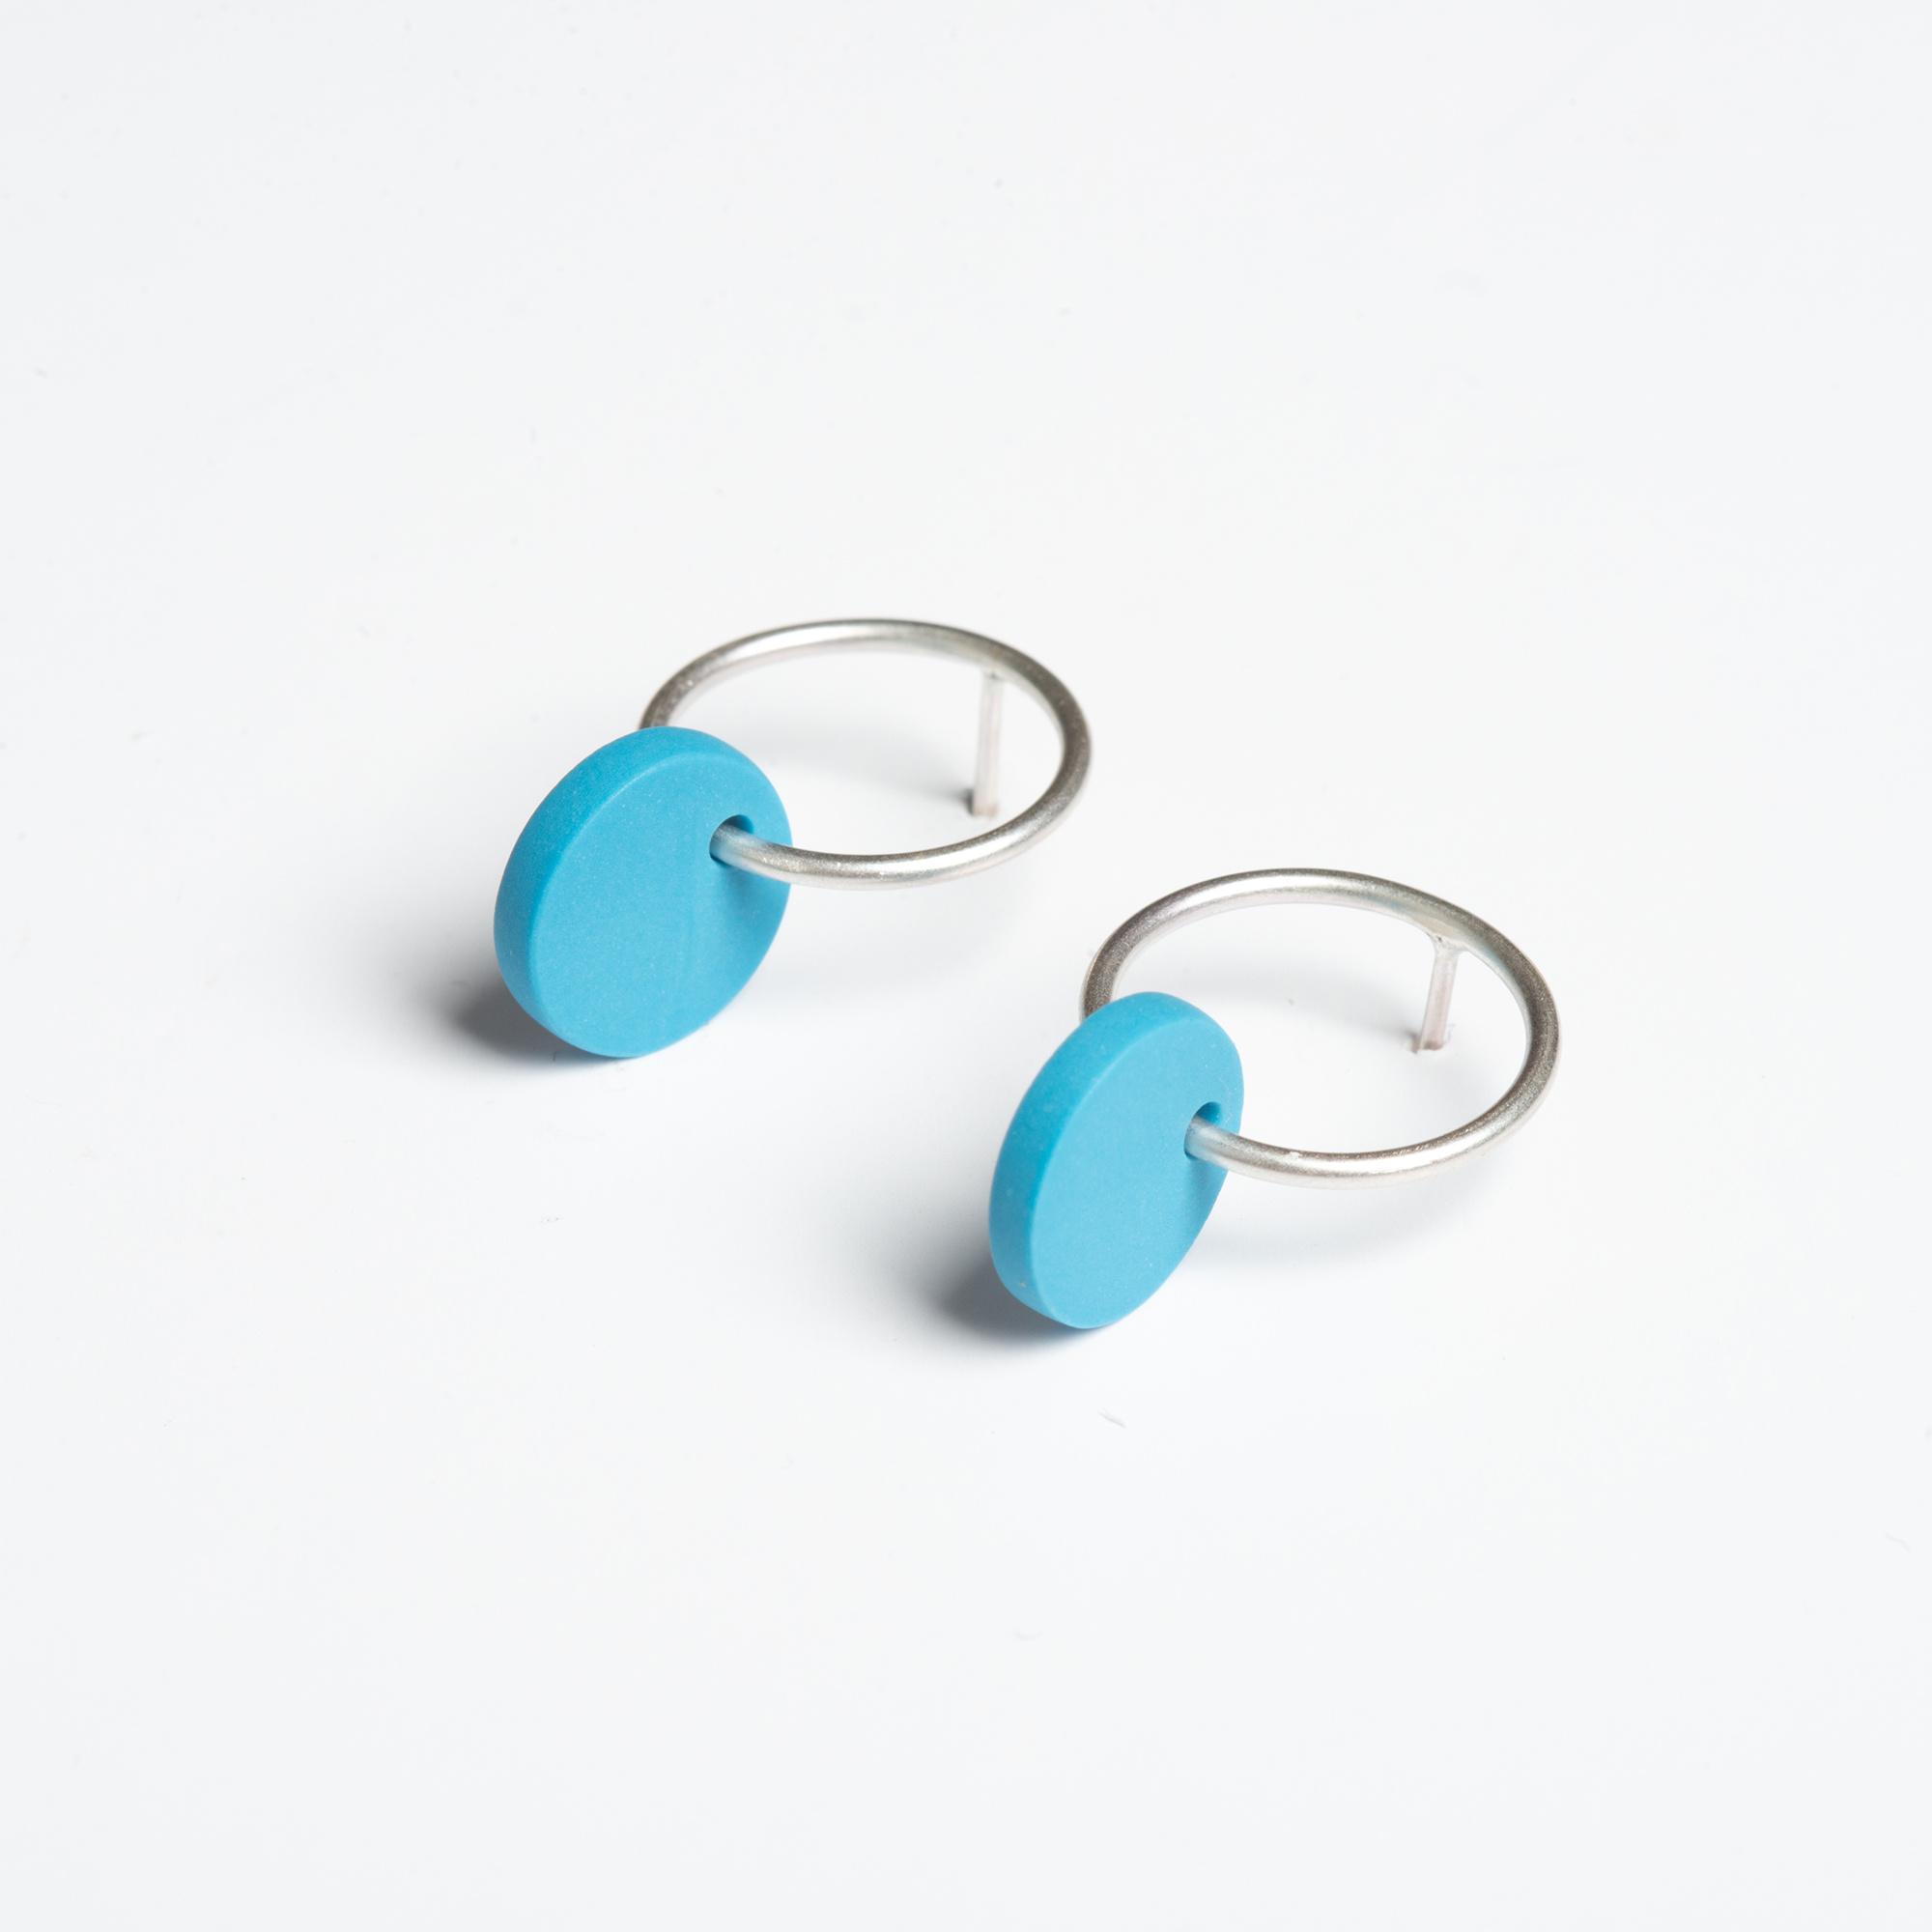 Circle Hoop Earrings by Beth Lamont